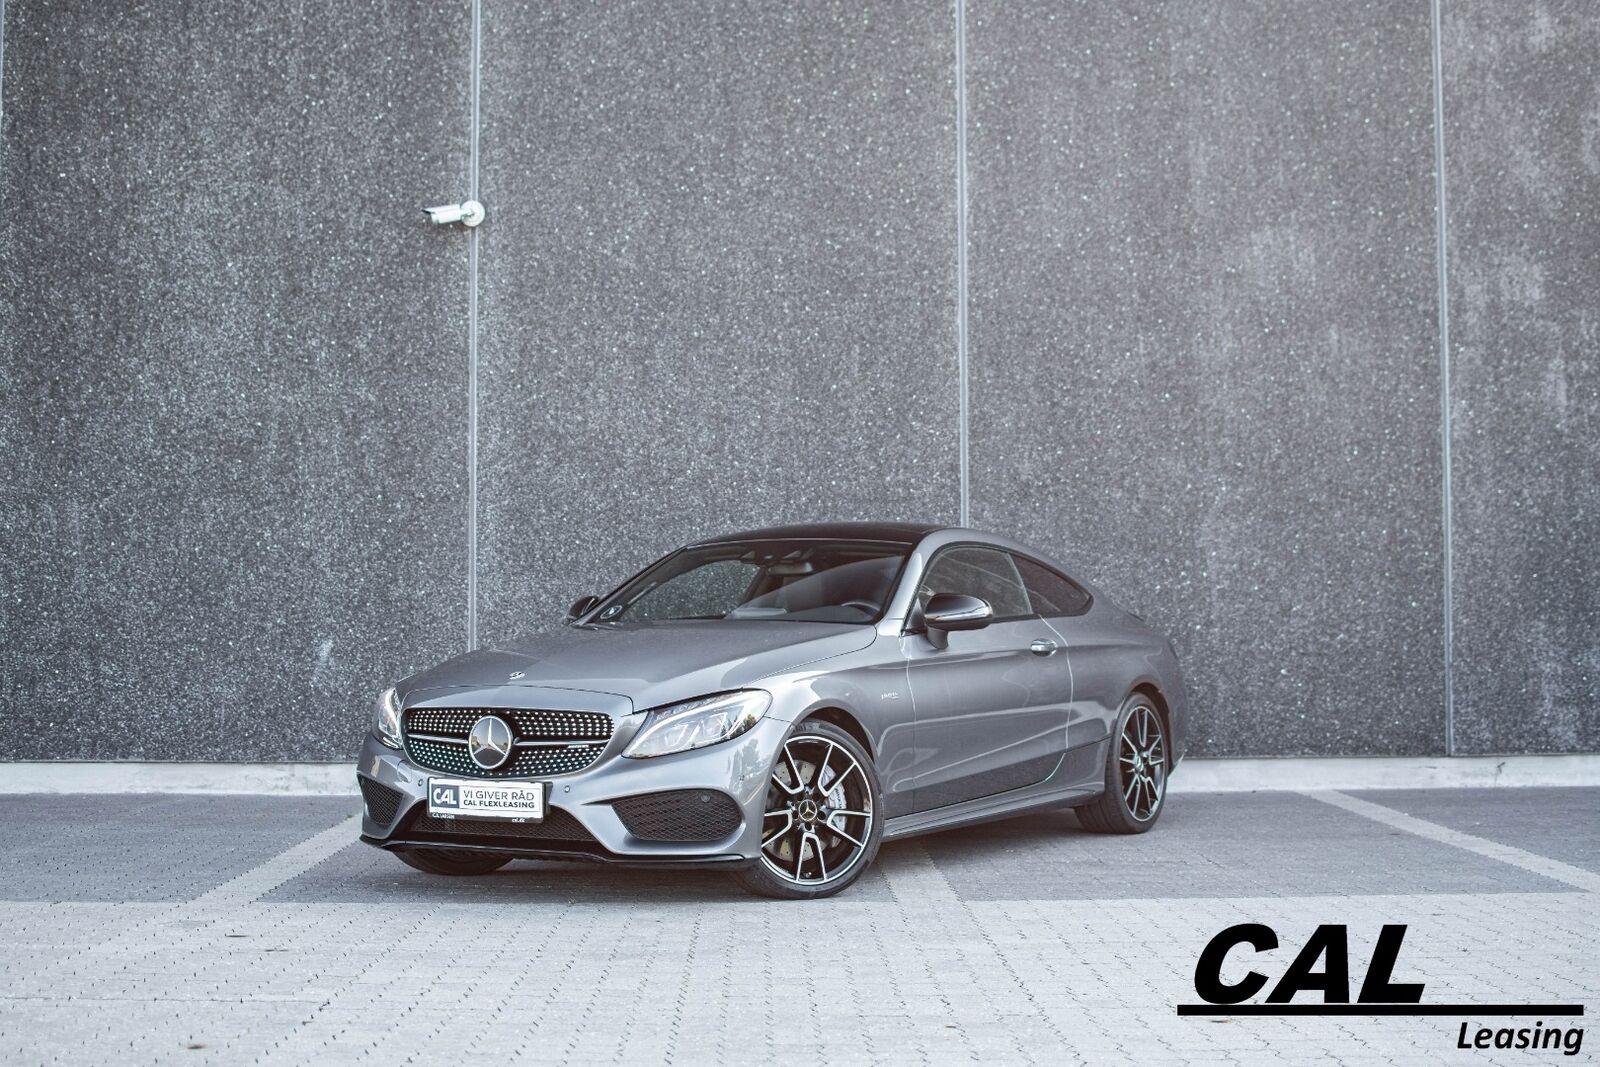 Mercedes C43 3,0 AMG Coupé aut. 4Matic 2d - 3.196 kr.